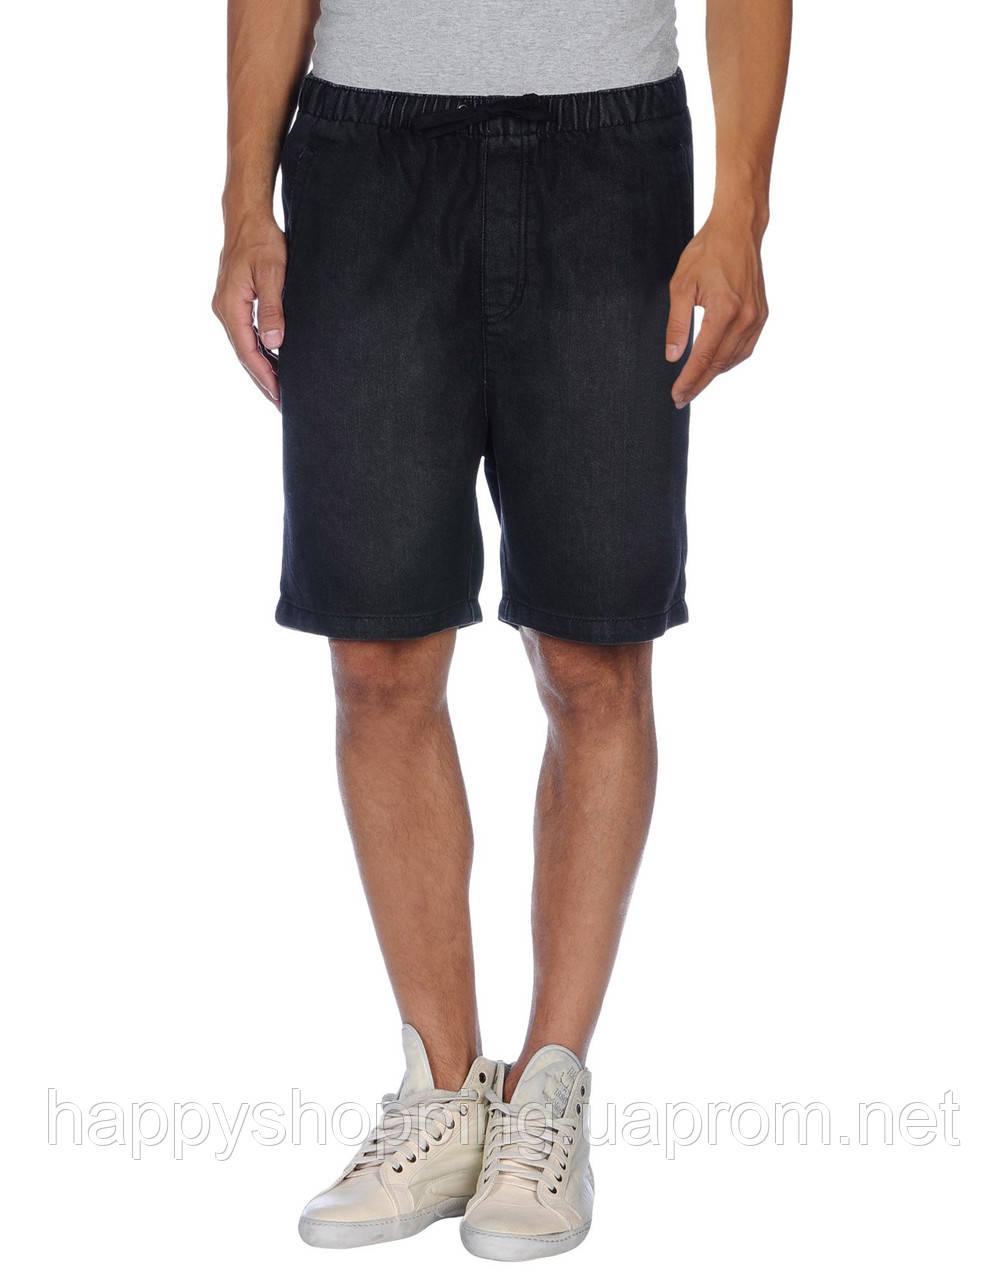 Черные шорты Cheap Monday